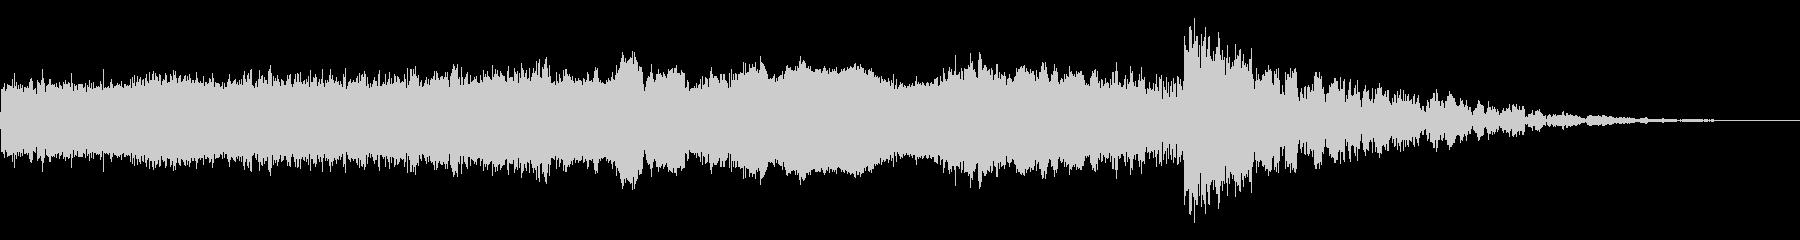 ロックゴッドスイープアクセントの未再生の波形